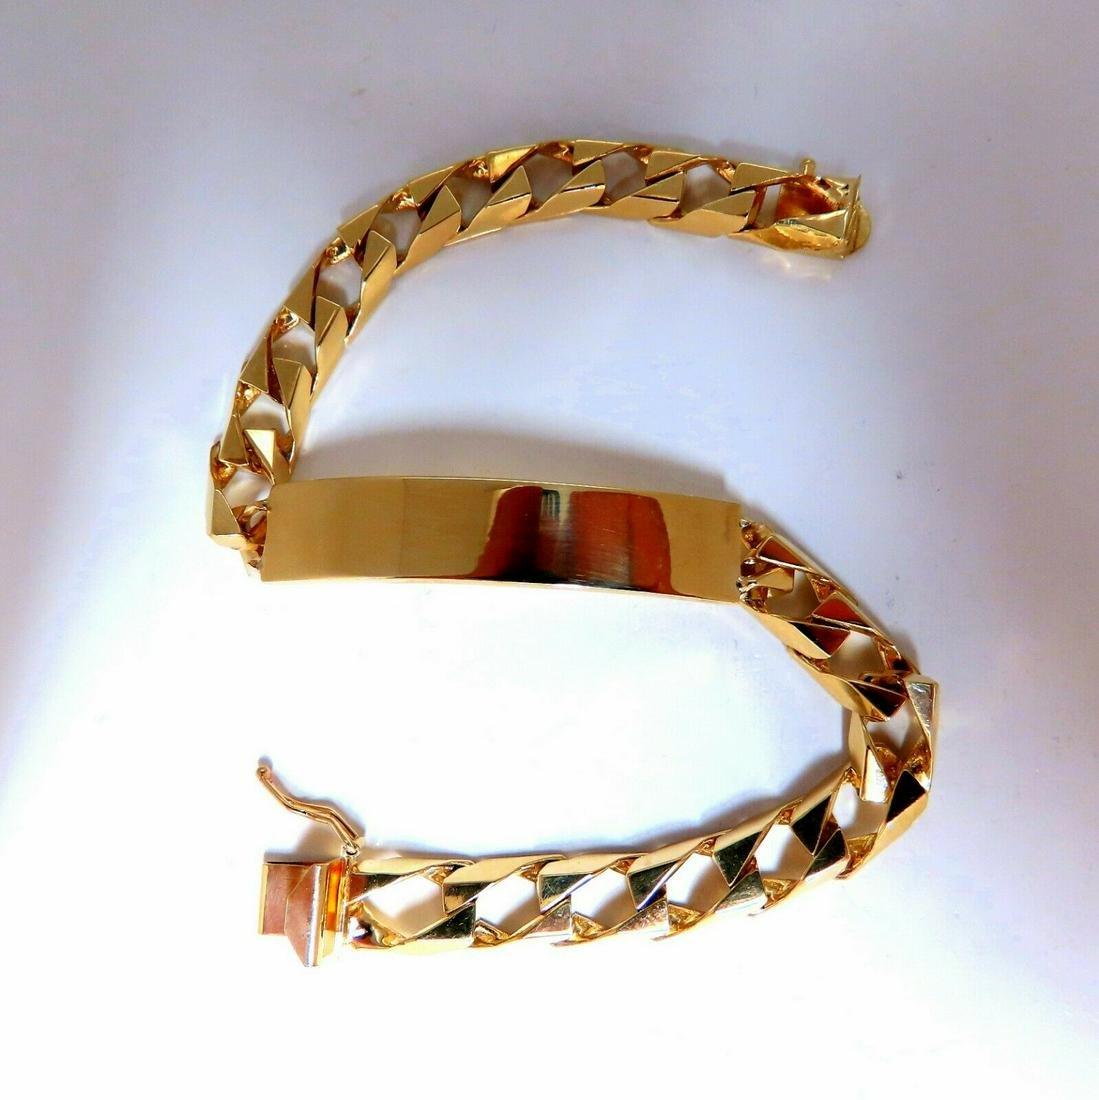 14 Karat Gold Classic ID Tag Bracelet Curb Link Chain 8